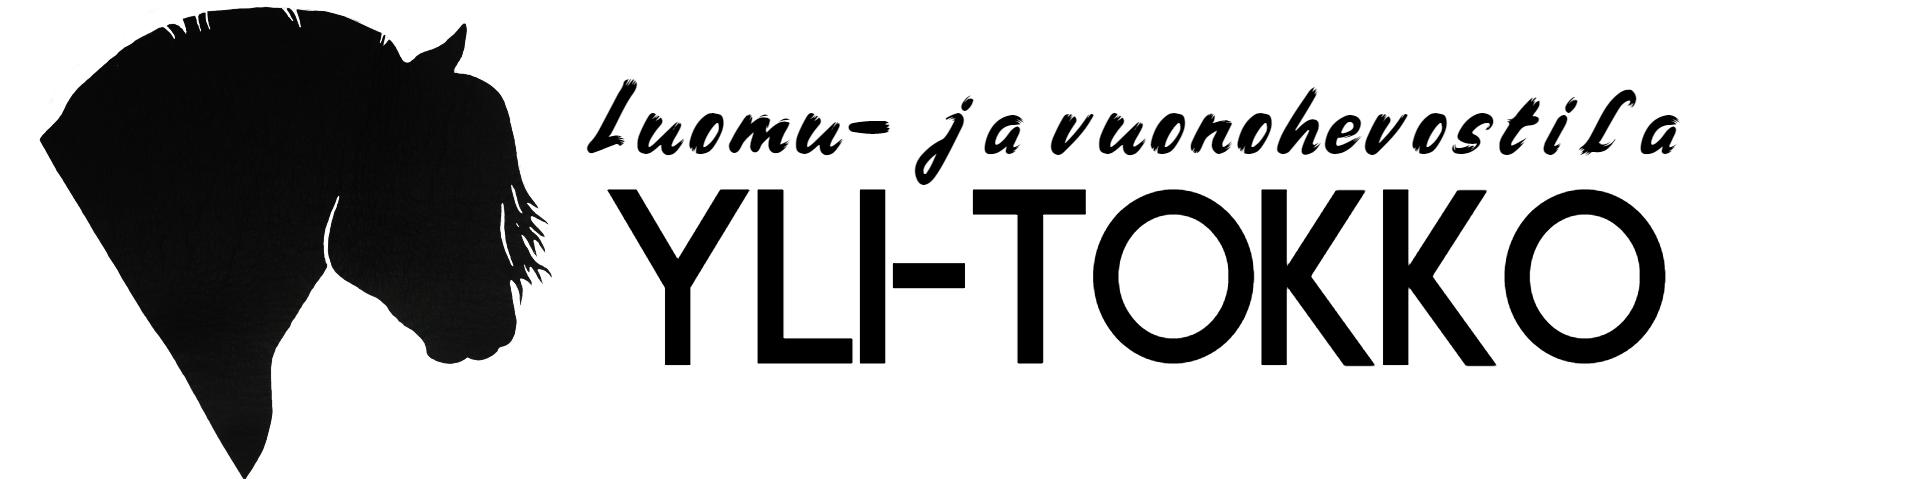 Yli-Tokko